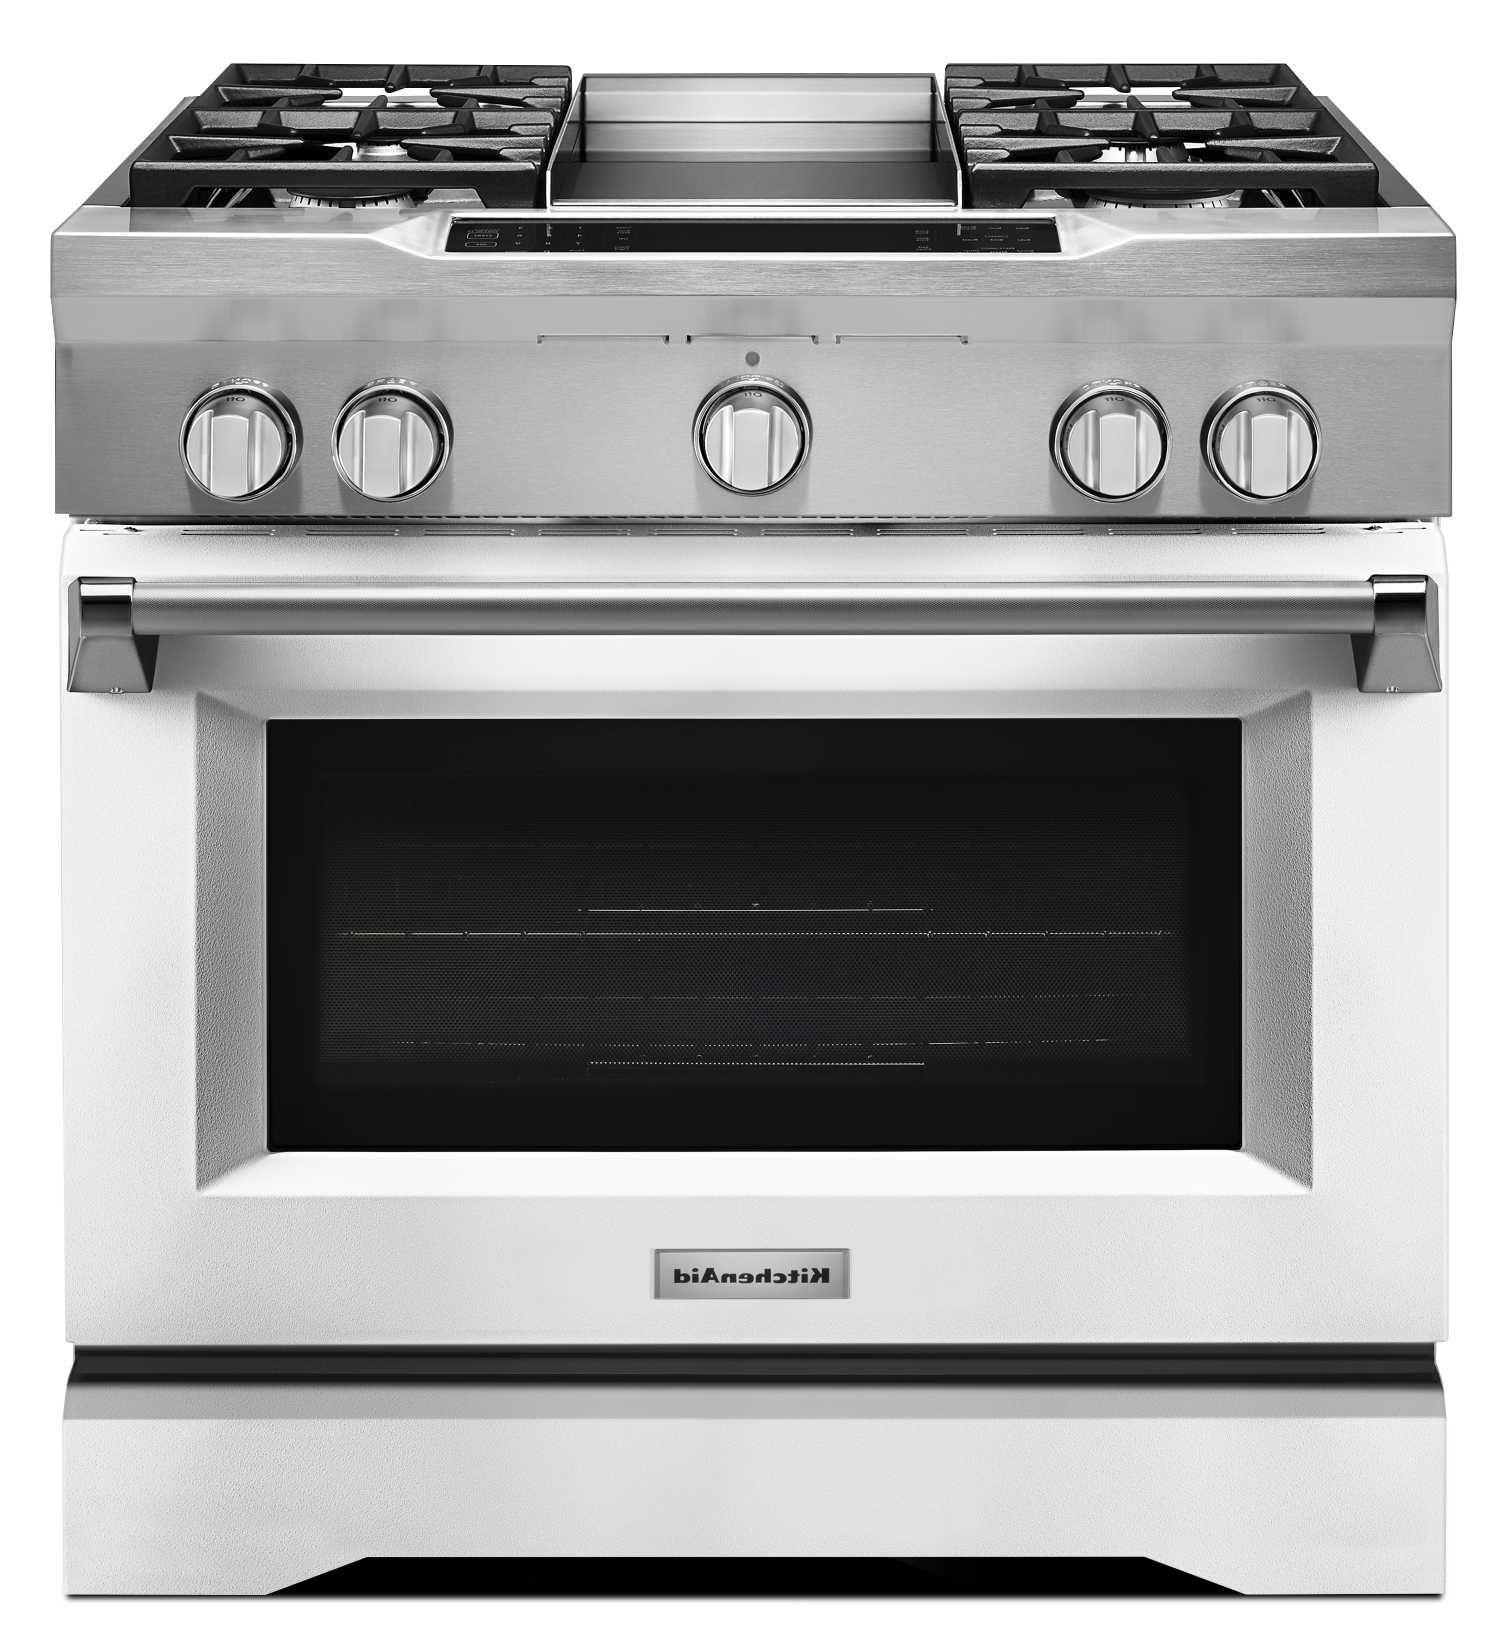 Kdrs463vmw Kitchenaid 36 4 Burner With Griddle Commercial Style Kompor